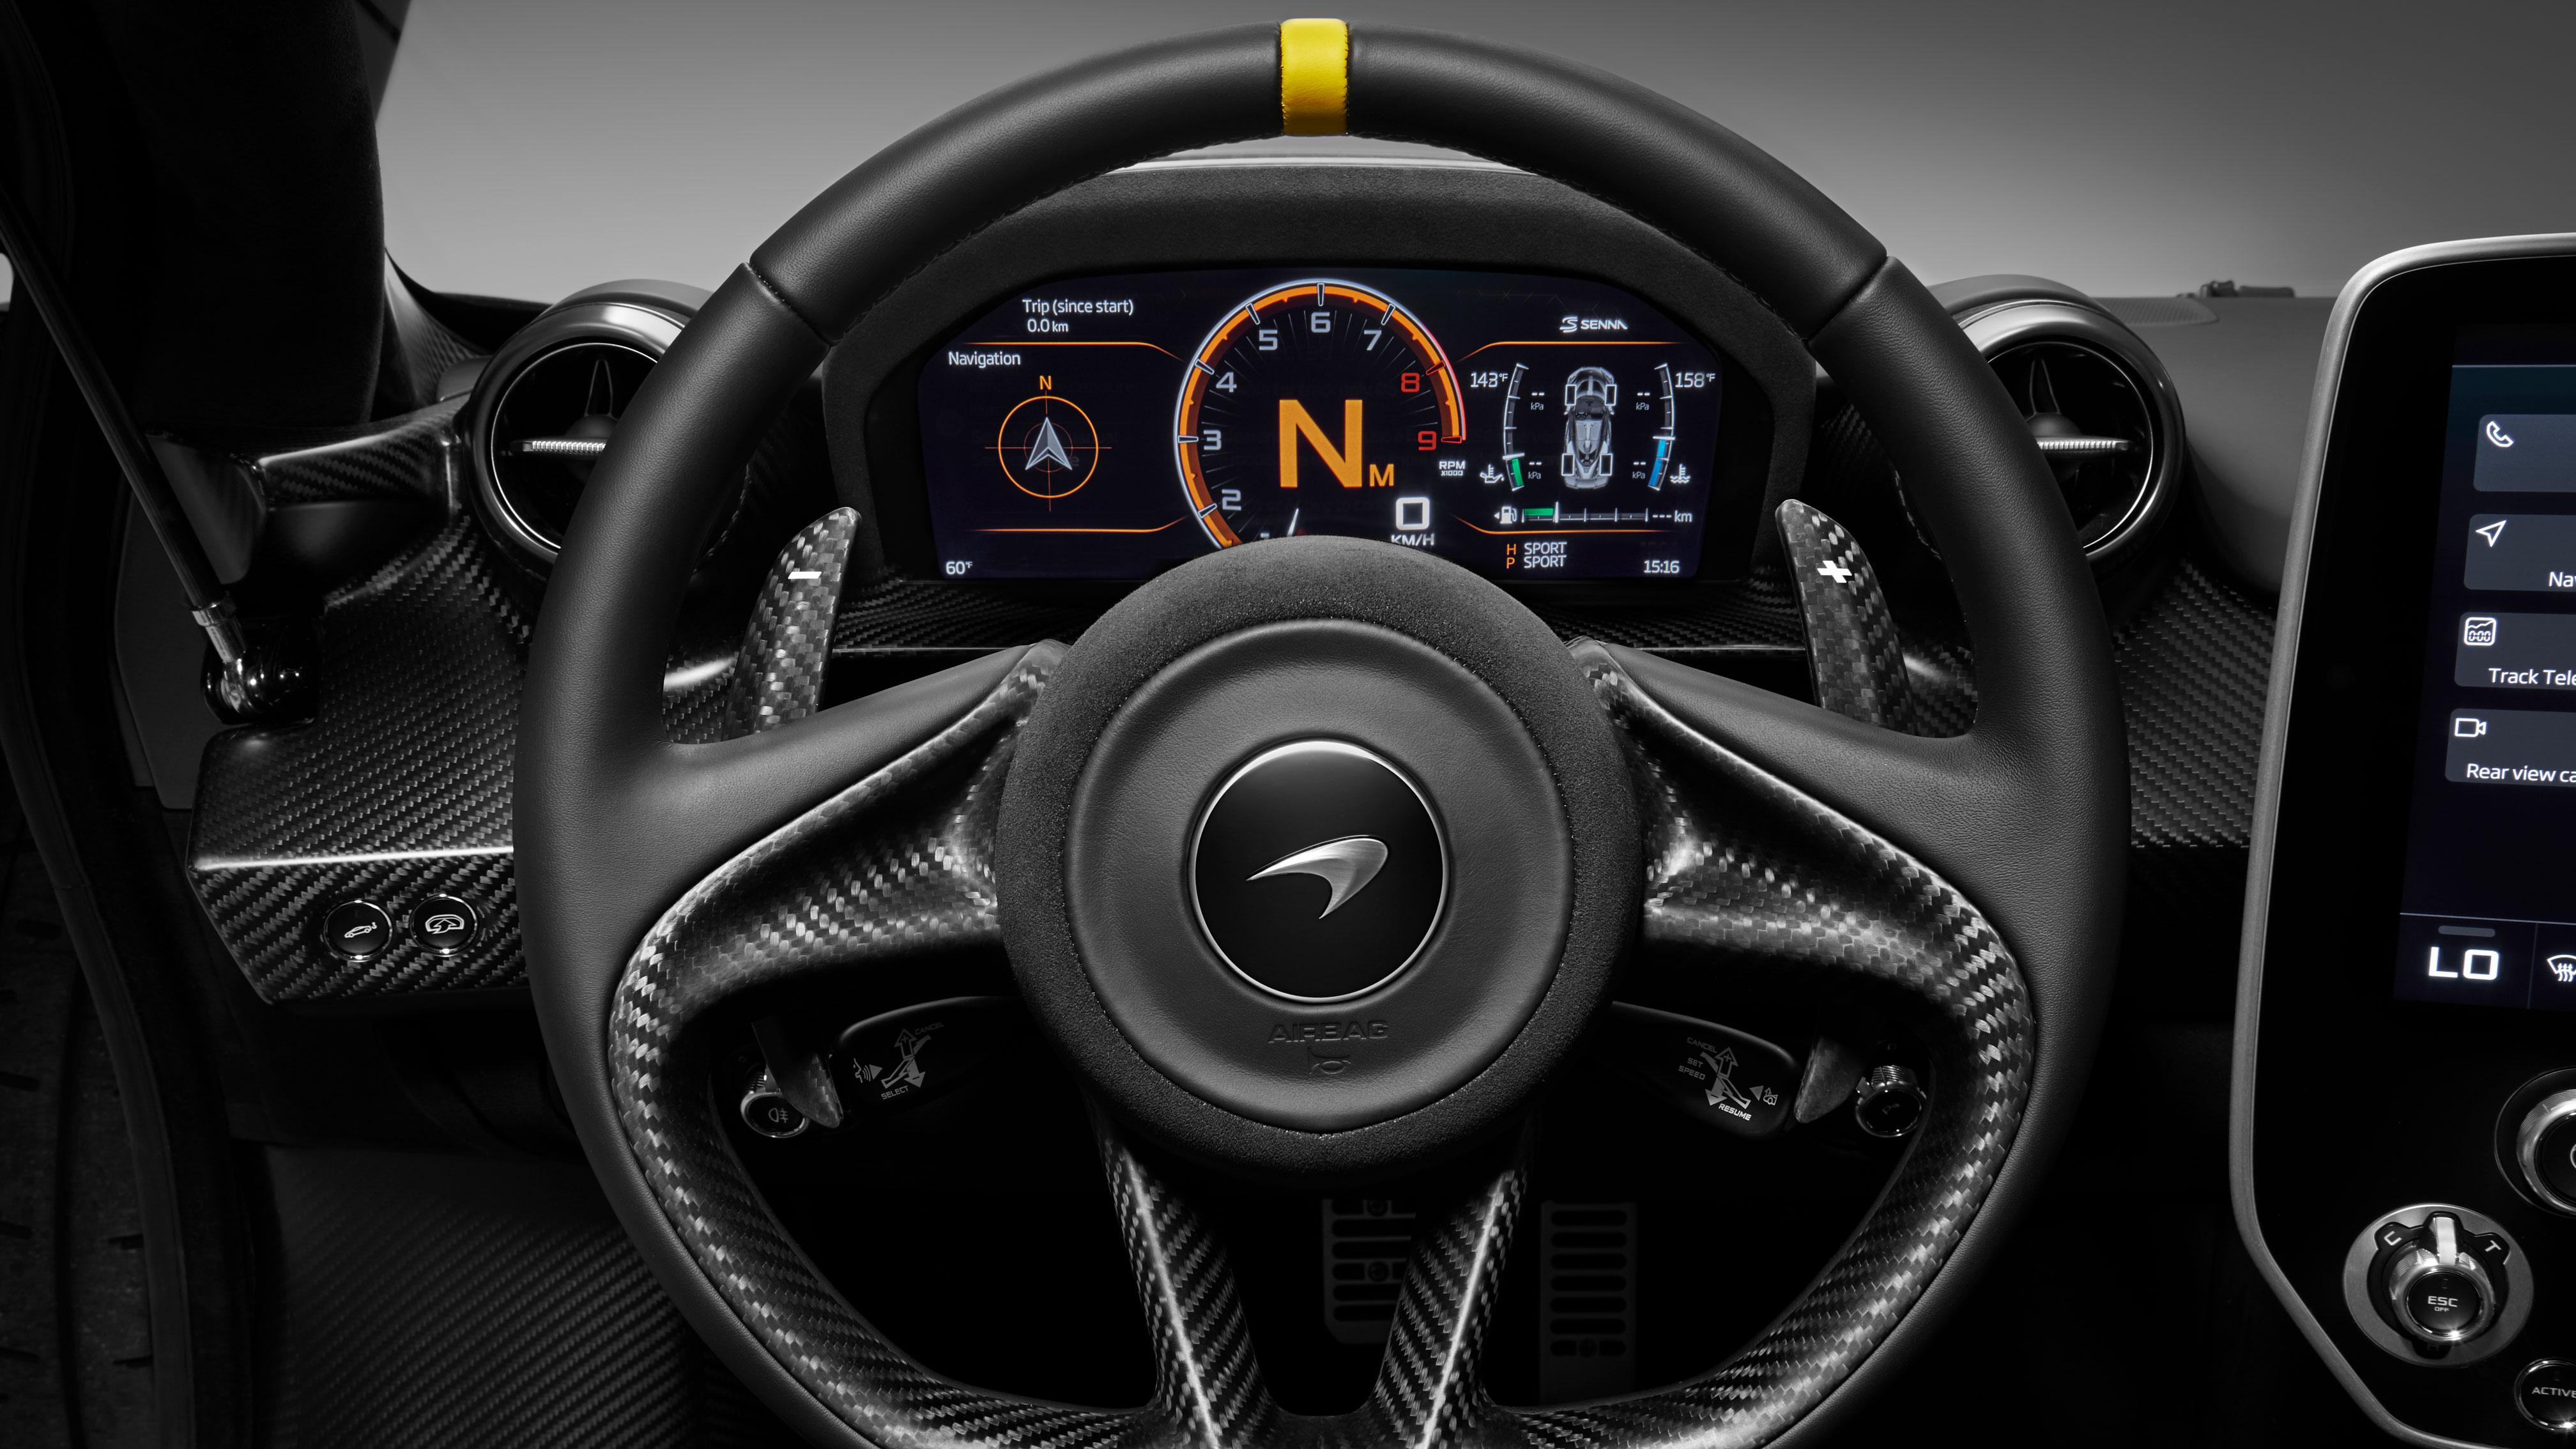 McLaren's special-edition Senna Carbon Theme hypercar for the Geneva